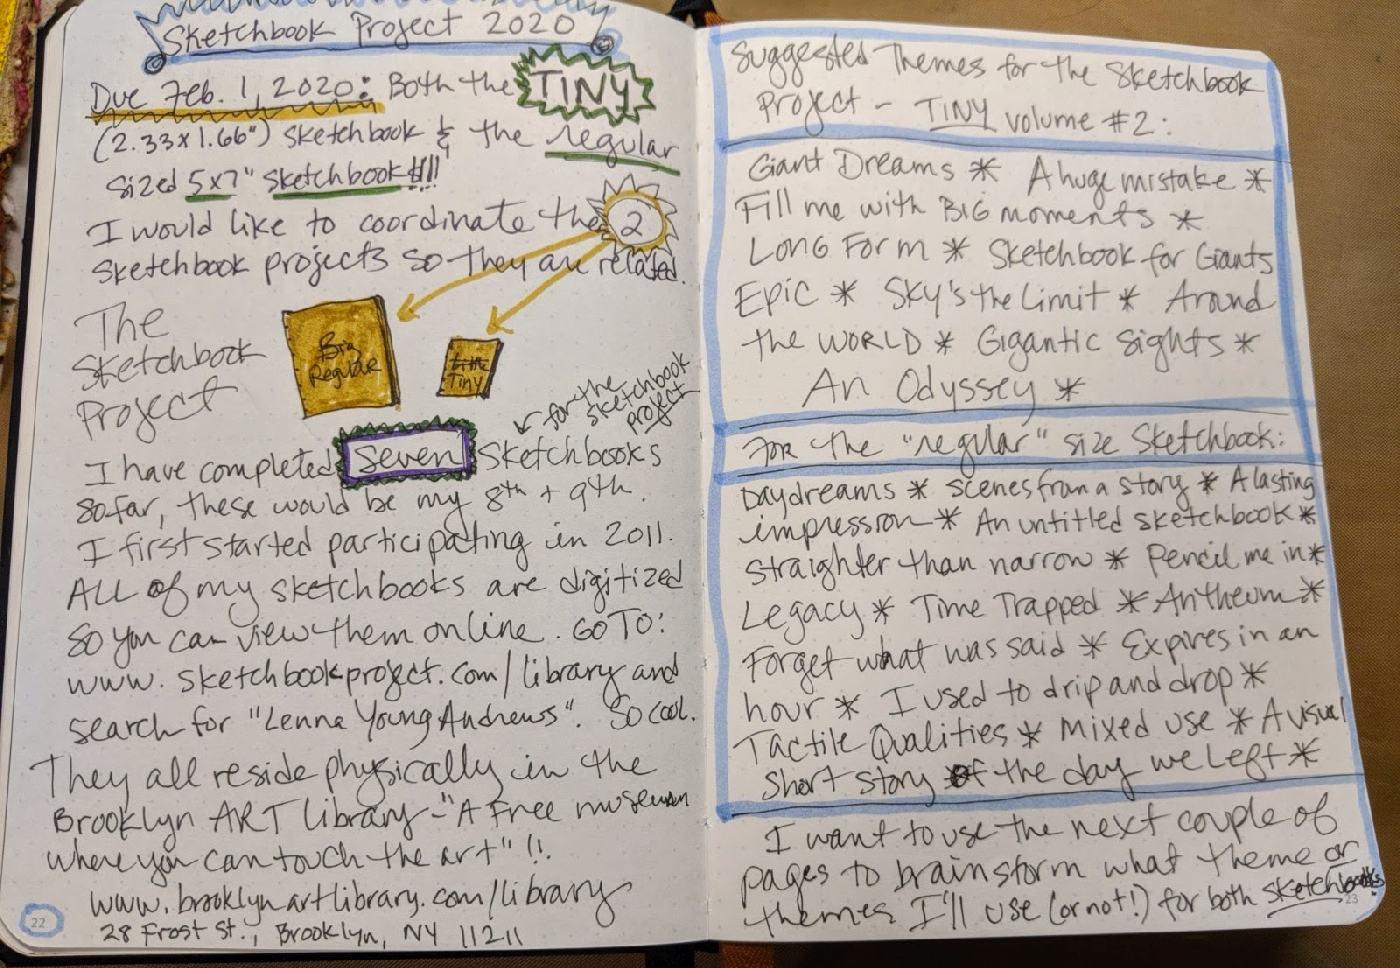 258: Bullet Journal #2